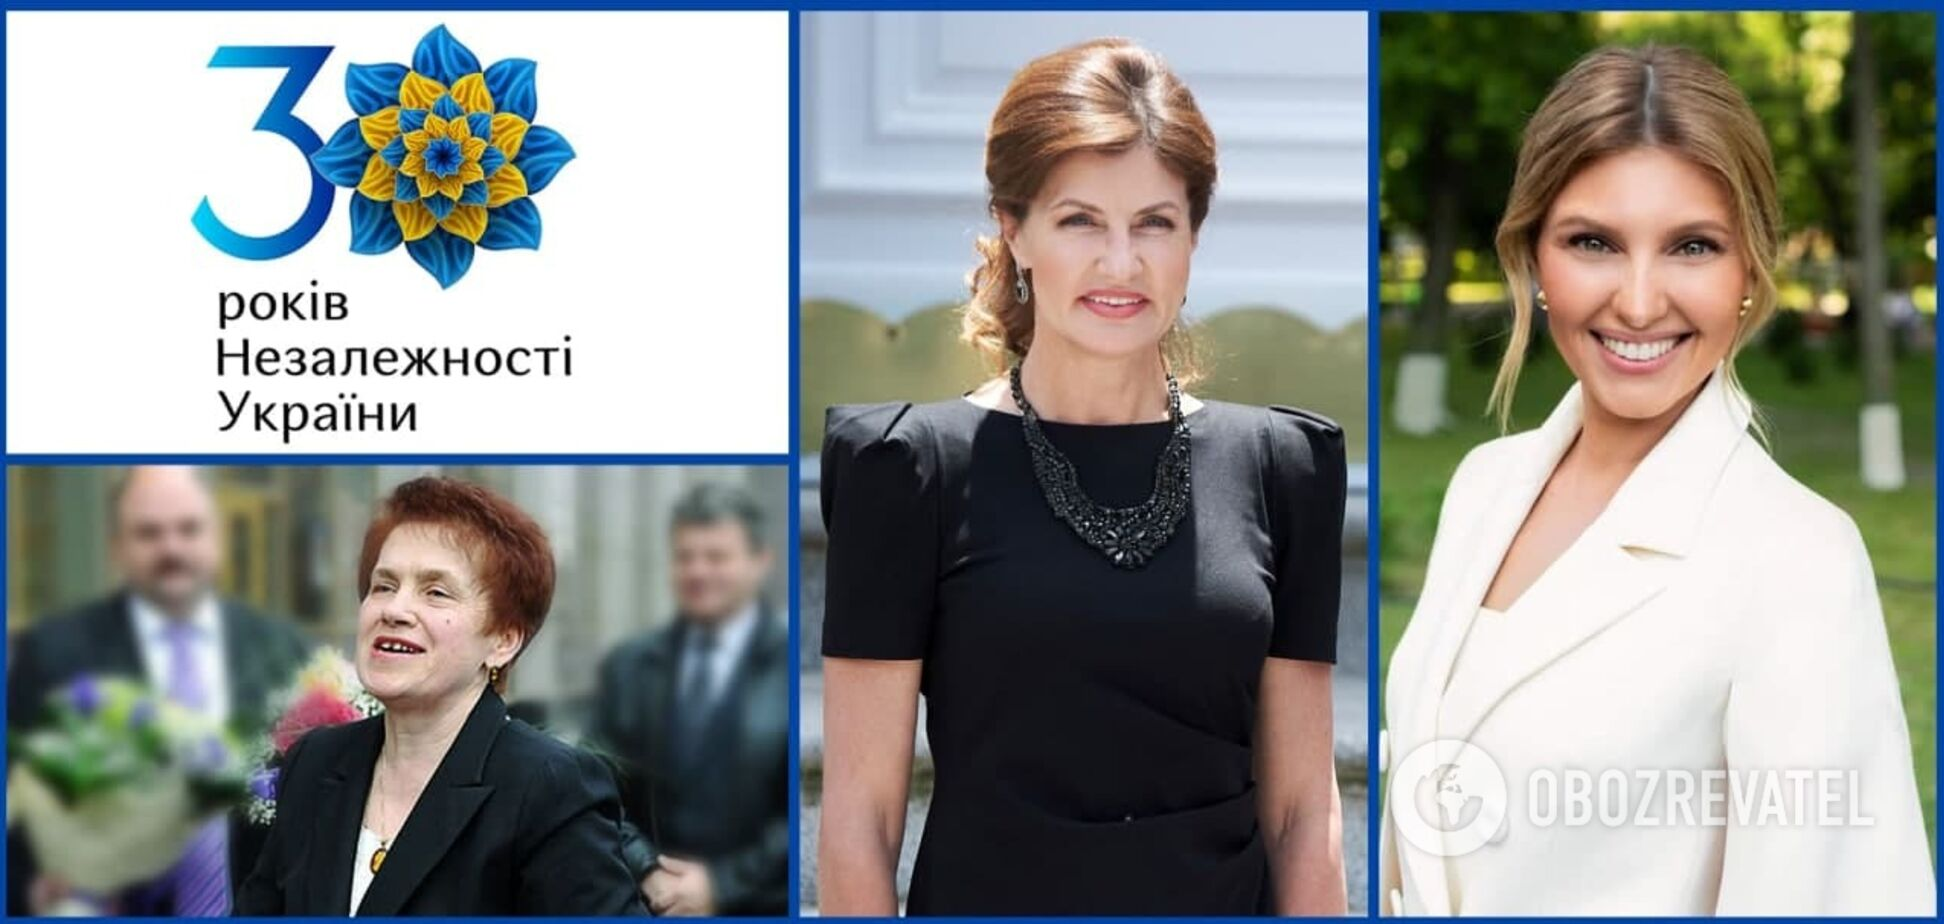 Зеленская, Порошенко, Янукович и другие: как жены президентов Украины справлялись с ролью первых леди